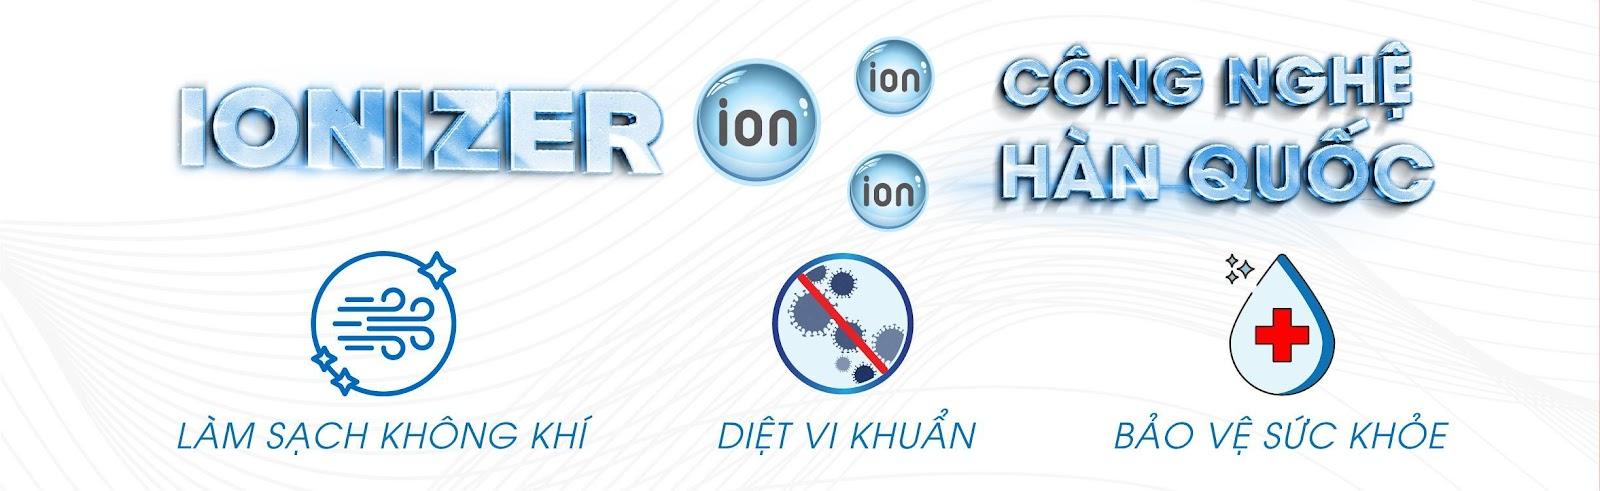 Tạo Ion âm làm sạch không khí, diệt vi khuẩn, bảo vệ sức khỏe